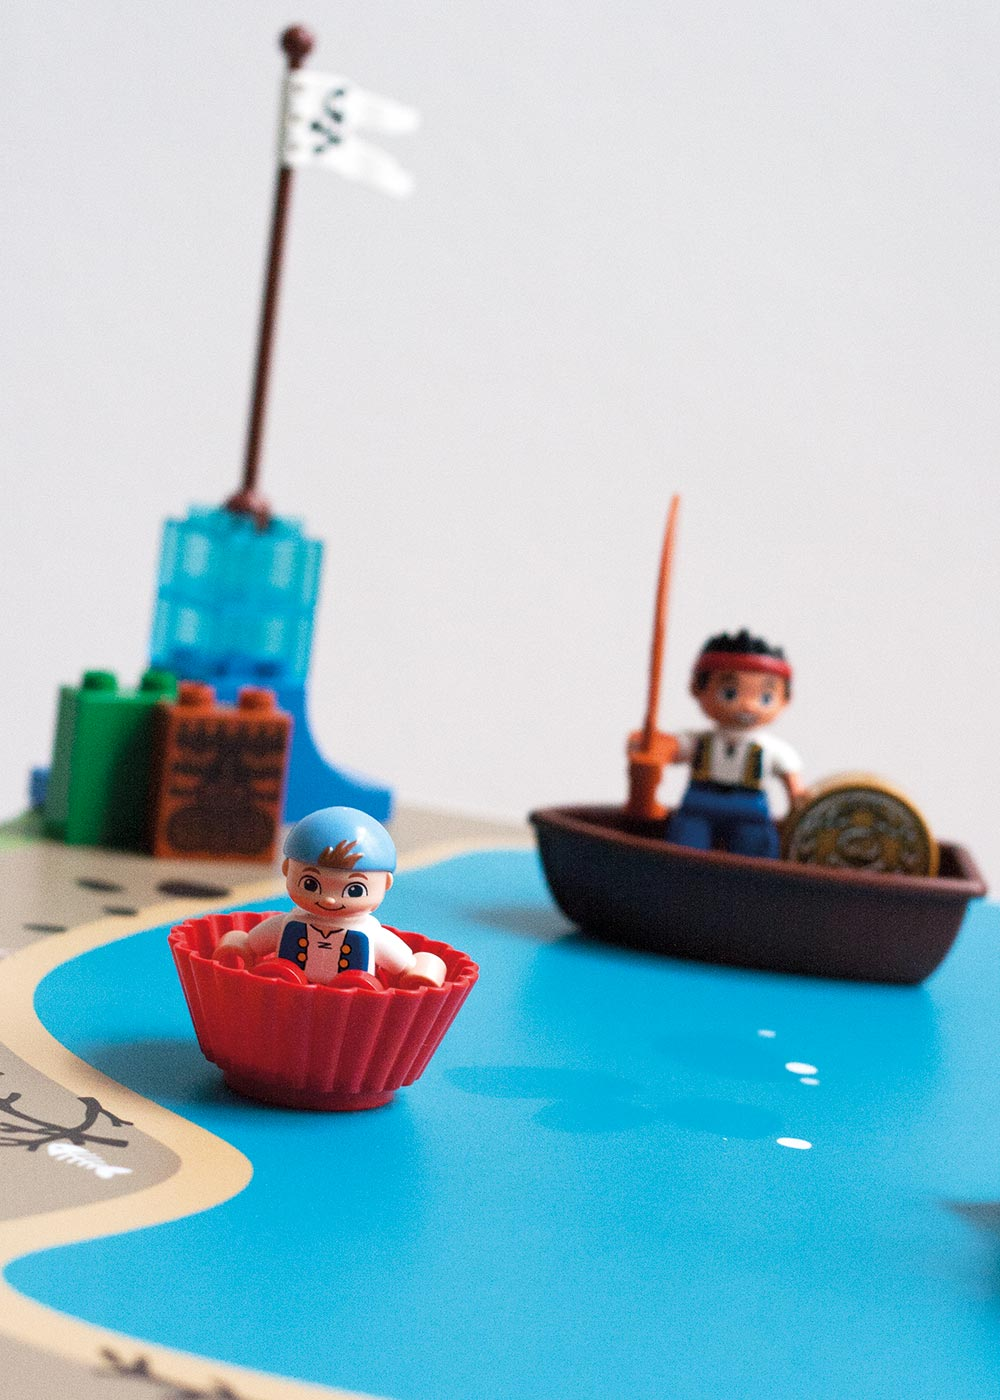 Ikea Lätt Kindertisch Wasserreich Teilansicht Boote